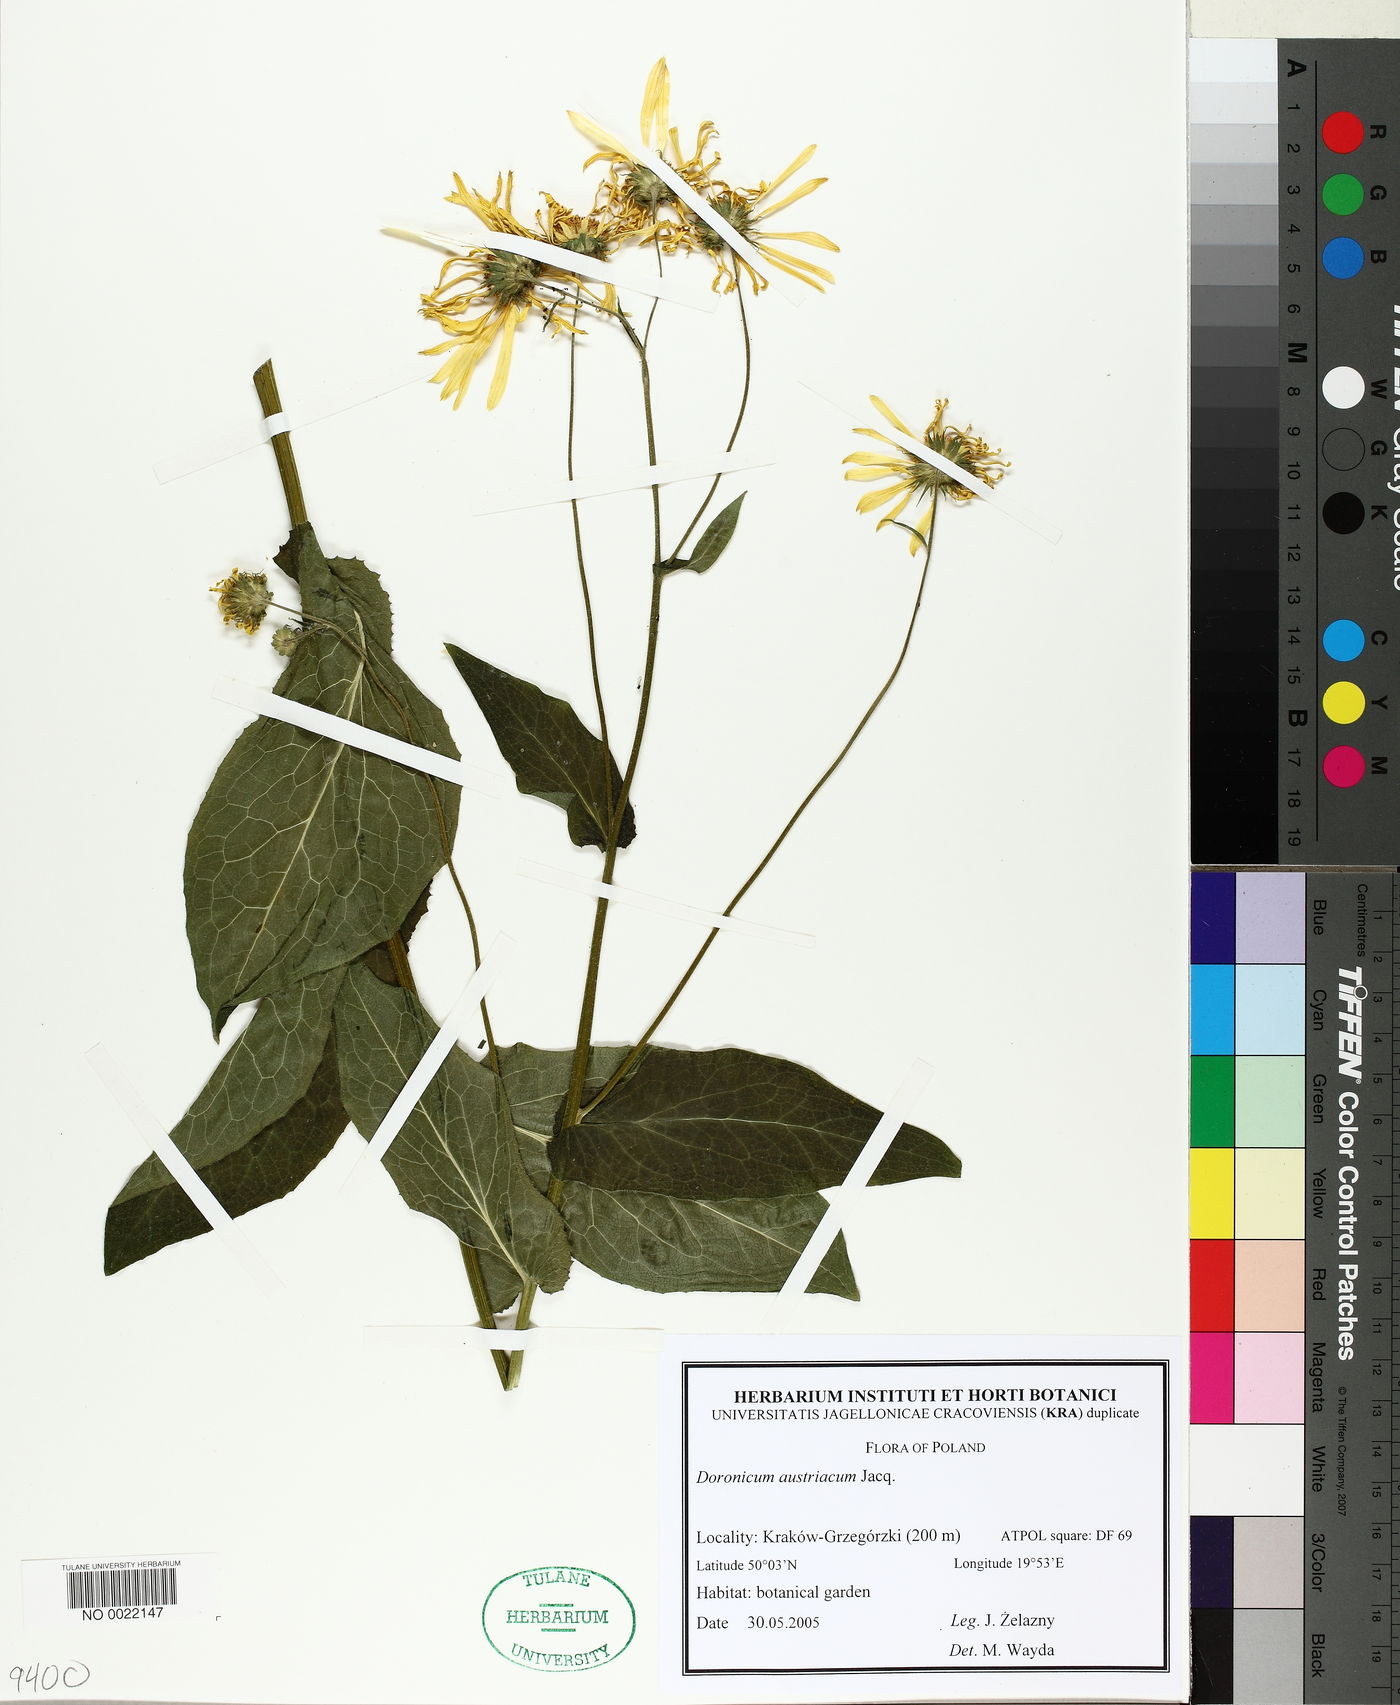 Doronicum austriacum image